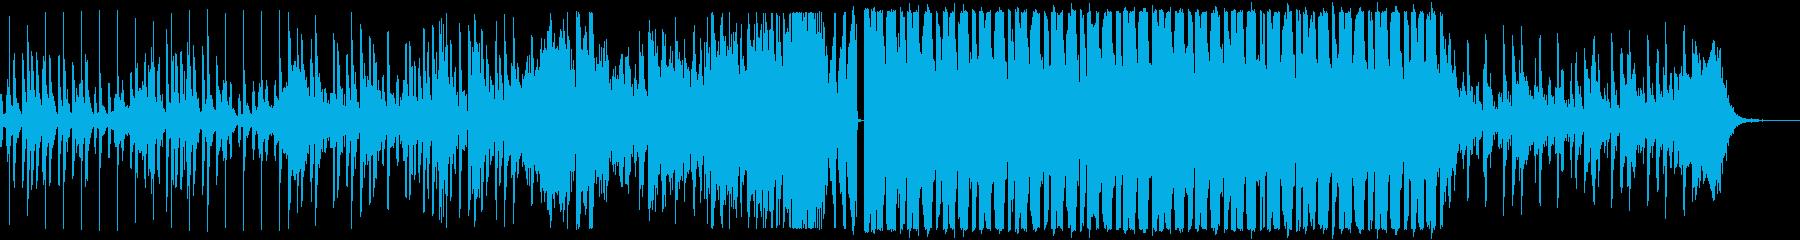 コミカル・EDM・明るい・爽やかEDMの再生済みの波形